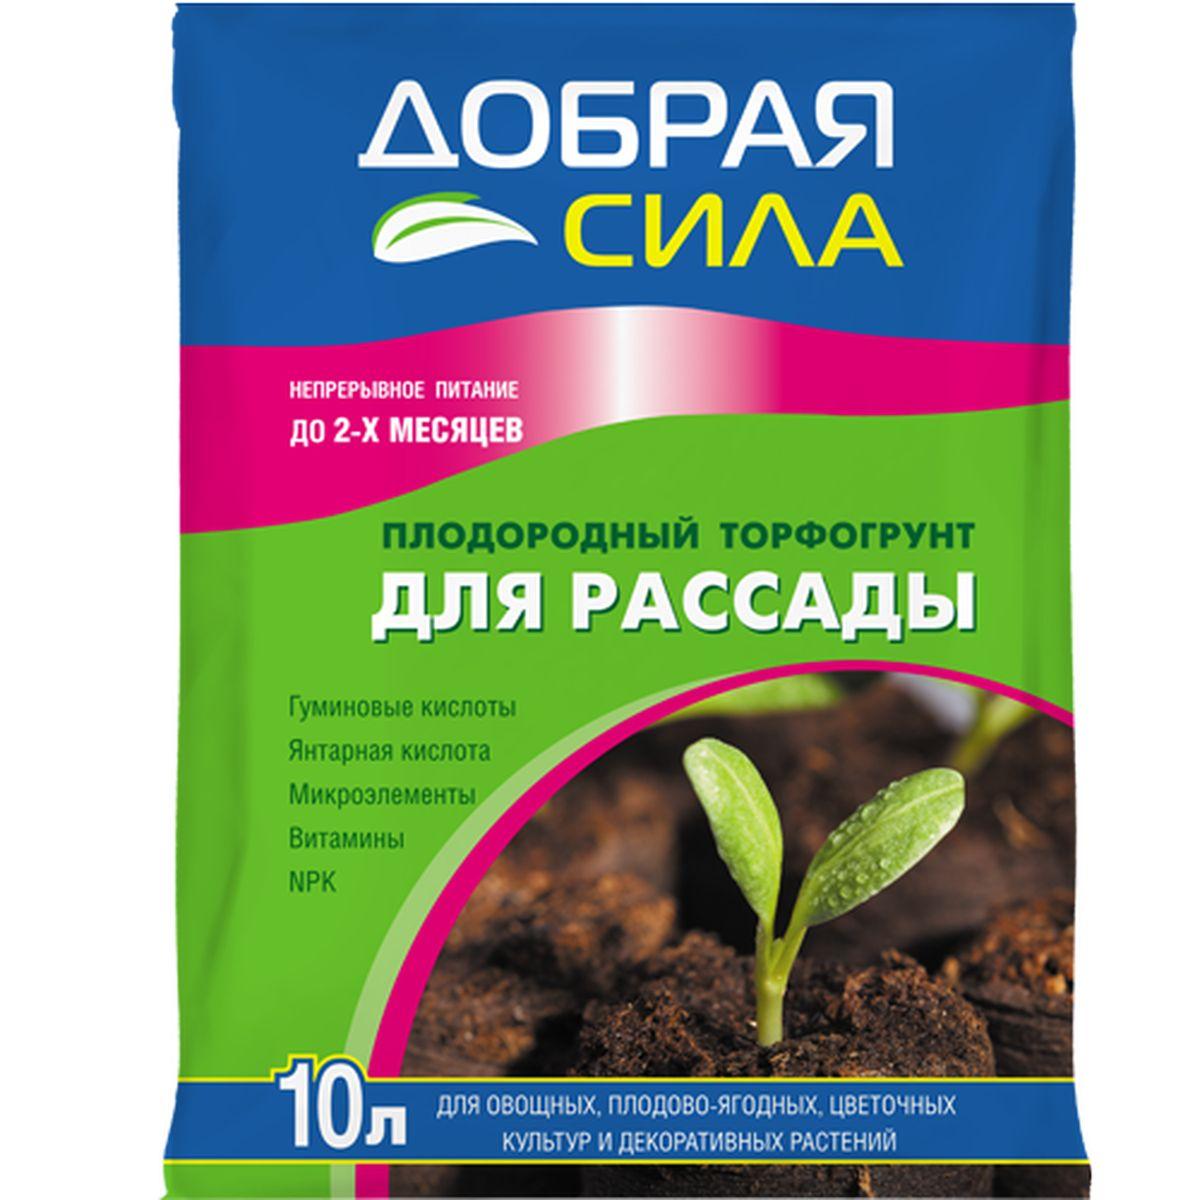 Почвенный грунт на основе торфа Добрая Сила, для рассады, 10 лC0038548Предназначен для выращивания рассады овощных, плодово-ягодных, цветочных культур и декоративных растений. Может использоваться при посеве и выращивании растений в зимних садах и оранжереях, а также при выращивании растений в теплицах и парниках.